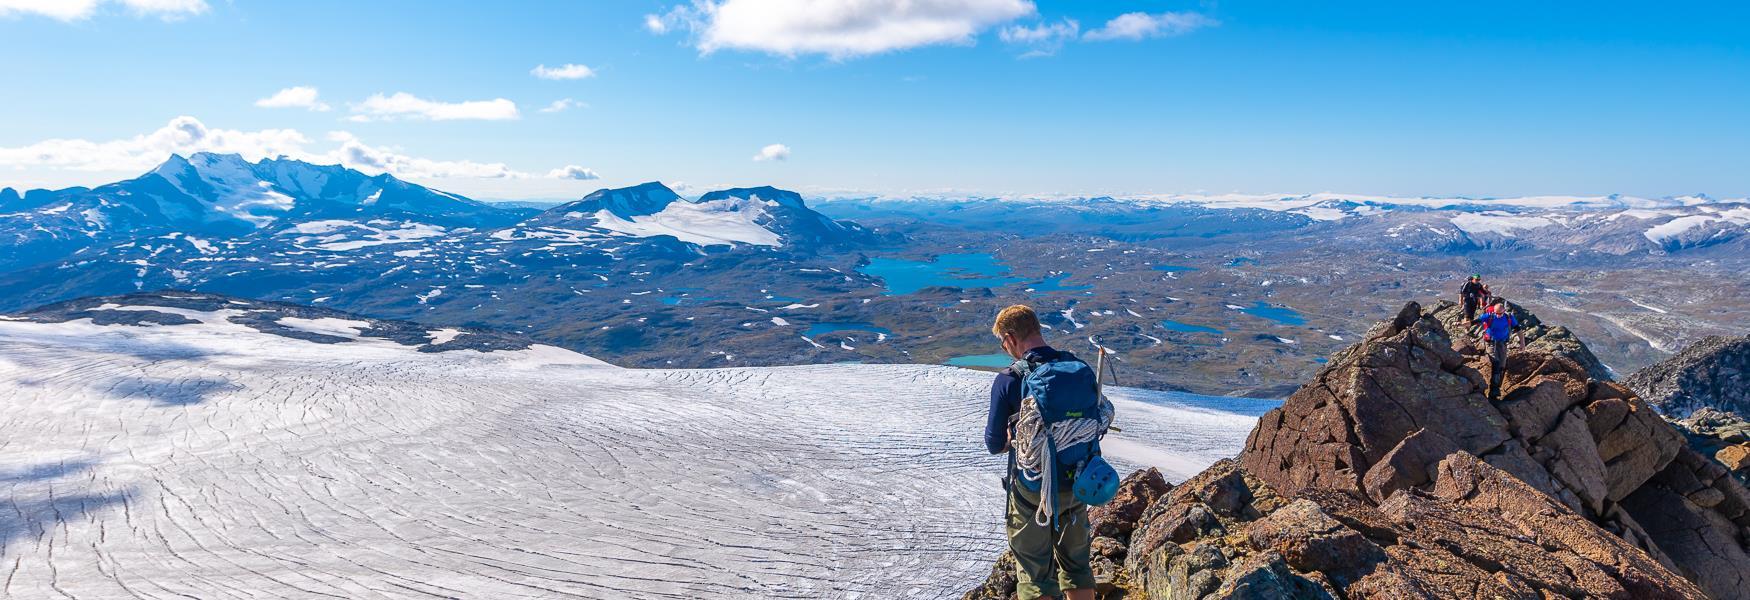 Bilde av mann med bre og fjell i bakgrunnen